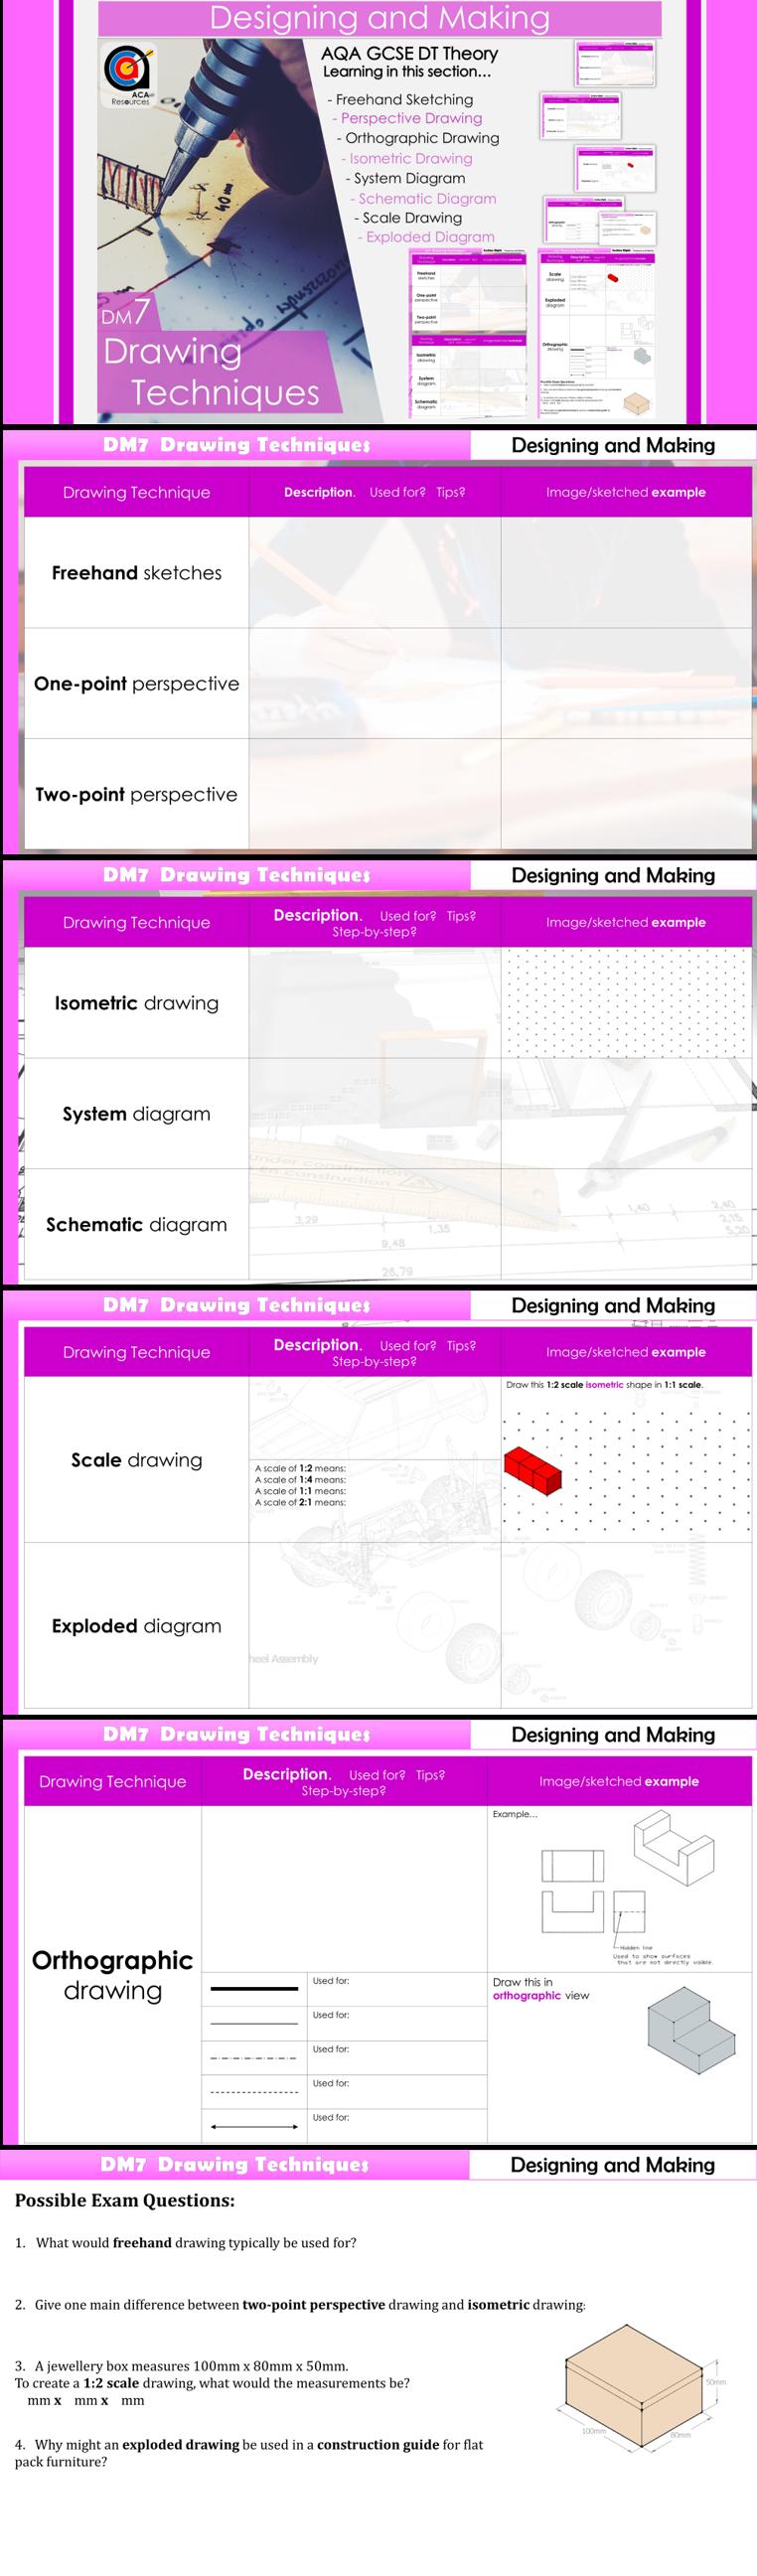 Aqa Gcse Dt Dm7 Drawing Techniques Teaching Resources